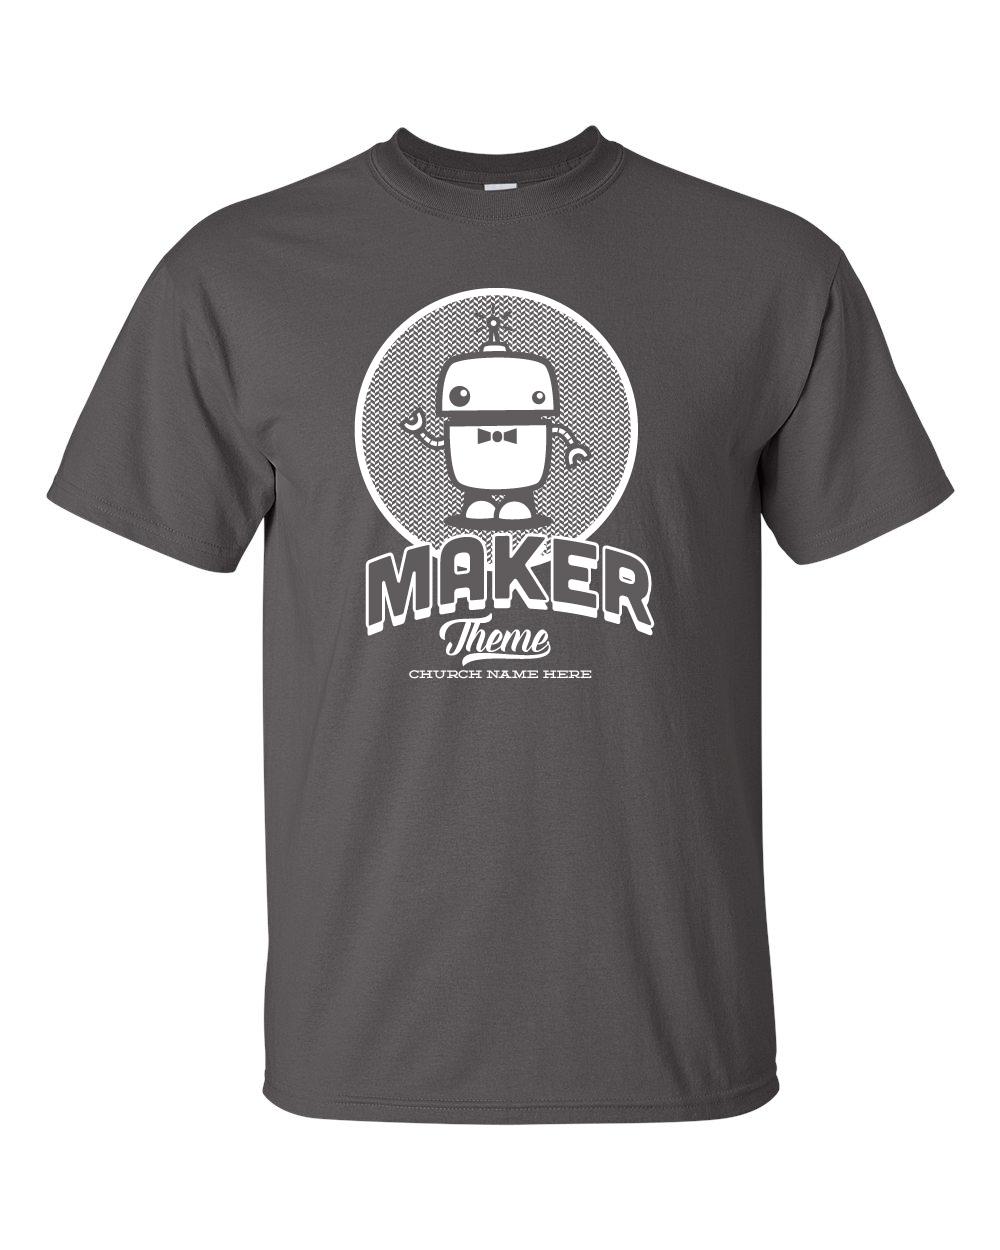 Maker 1-01.jpg